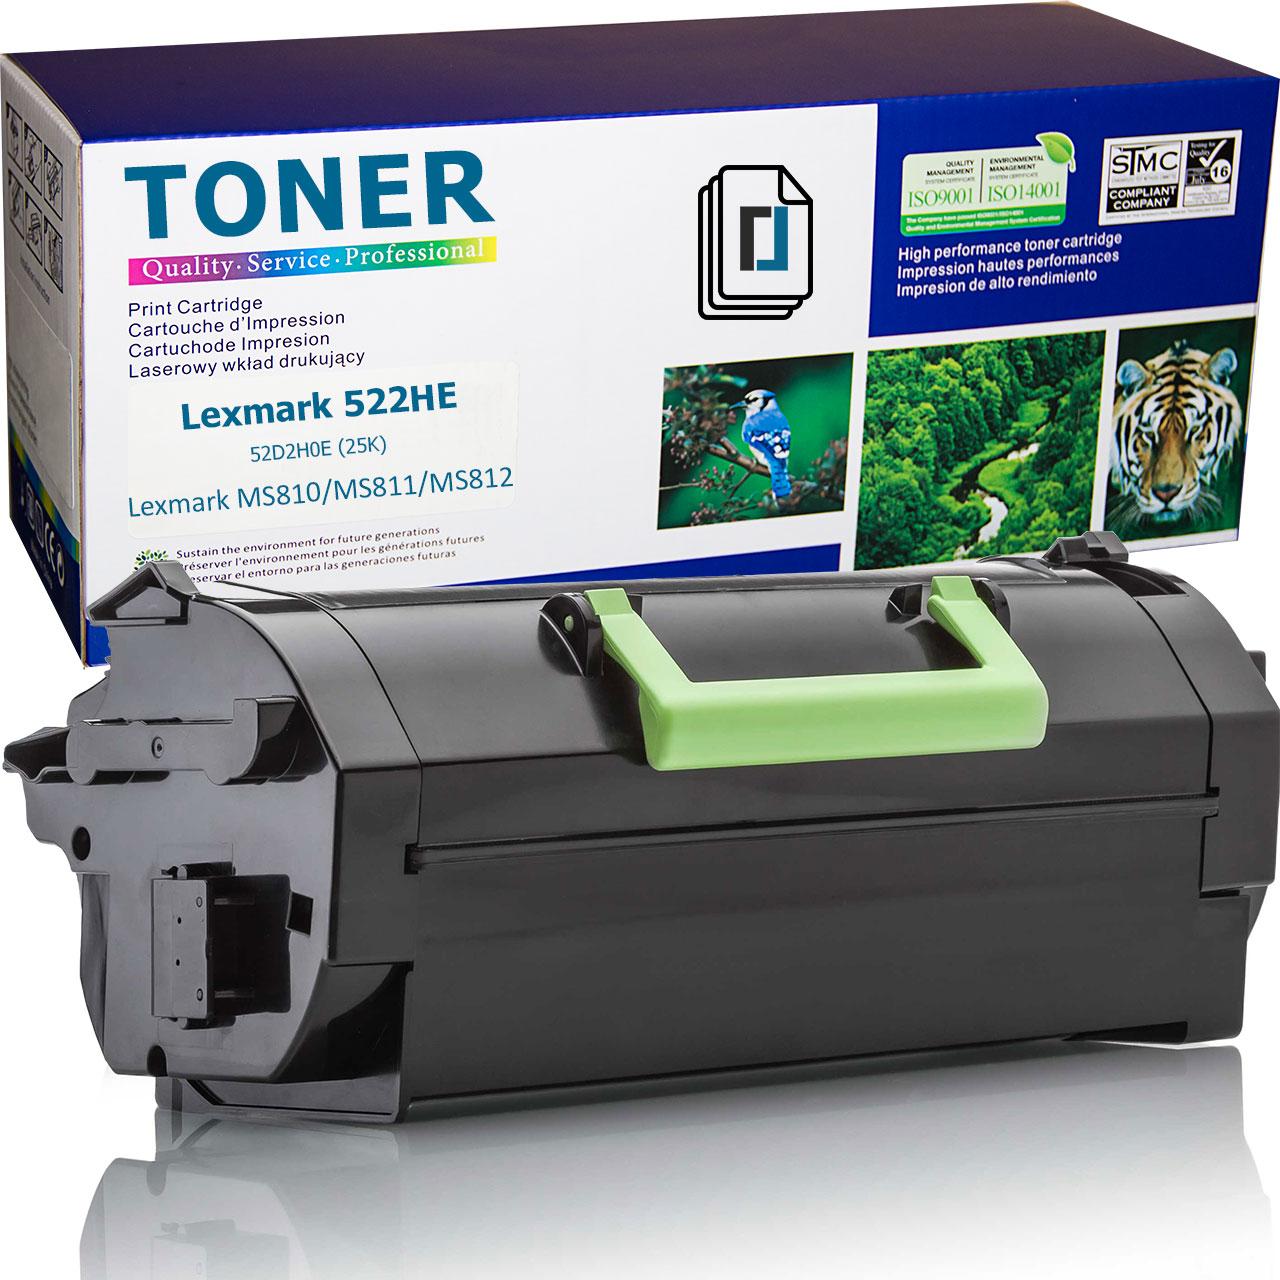 Нова тонер касета заместител Lexmark 522HE, 52D2H0E